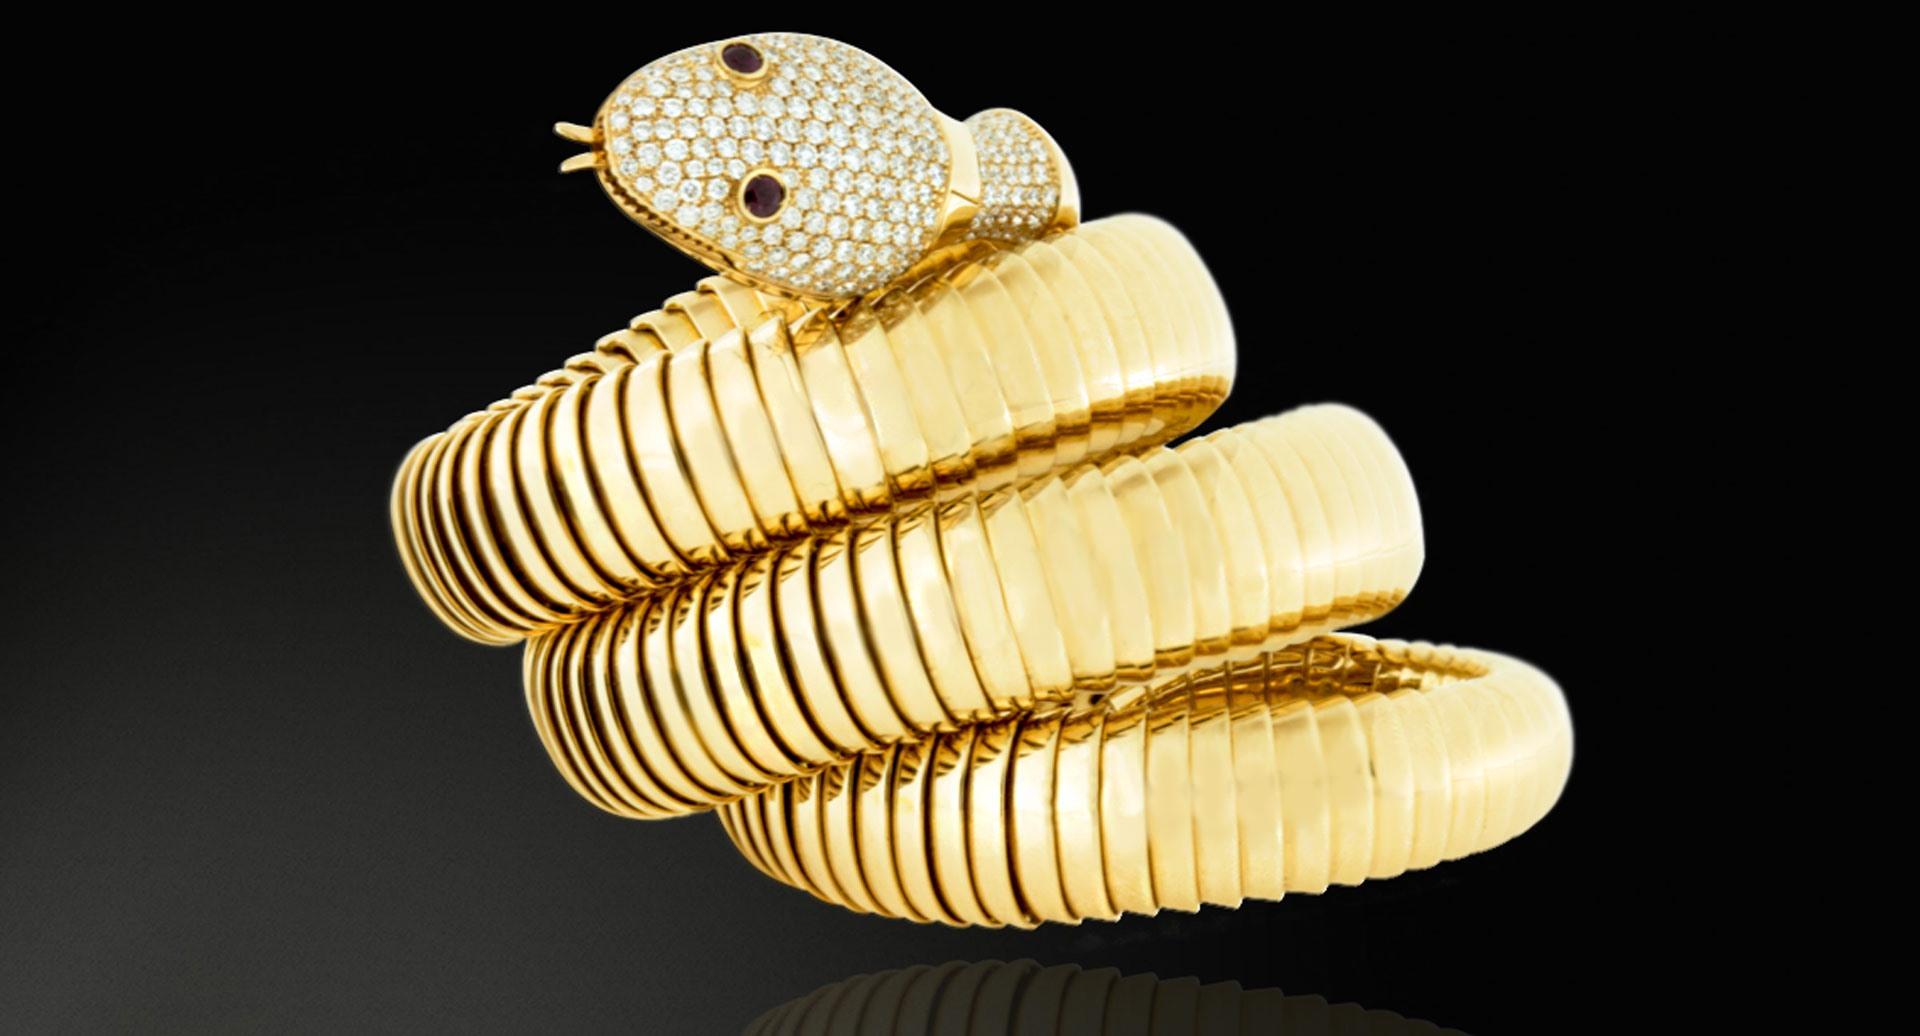 ヘビの形をした宝飾時計